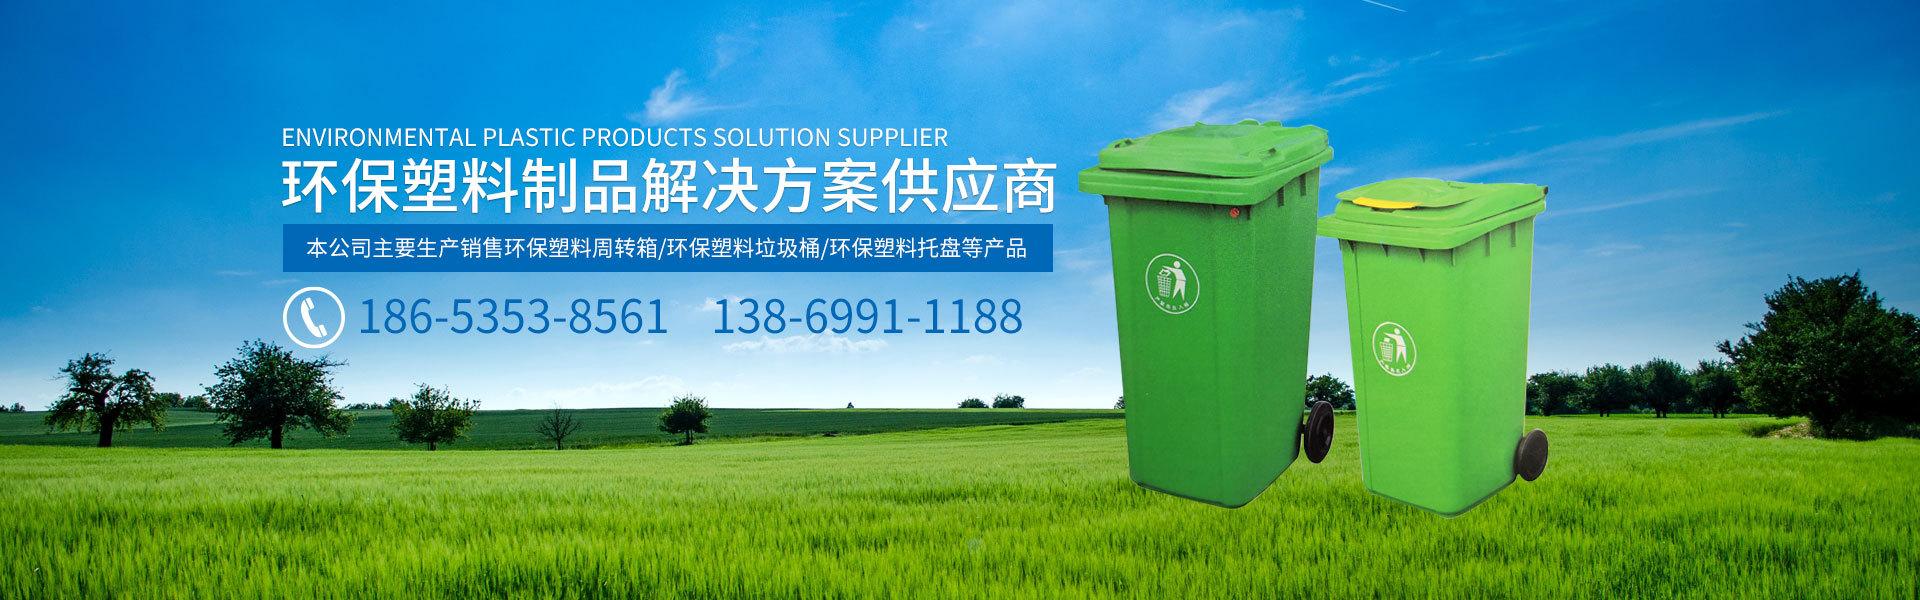 澳门新葡8455最新网站,塑料周转筐,周转筐厂家,周转箱厂